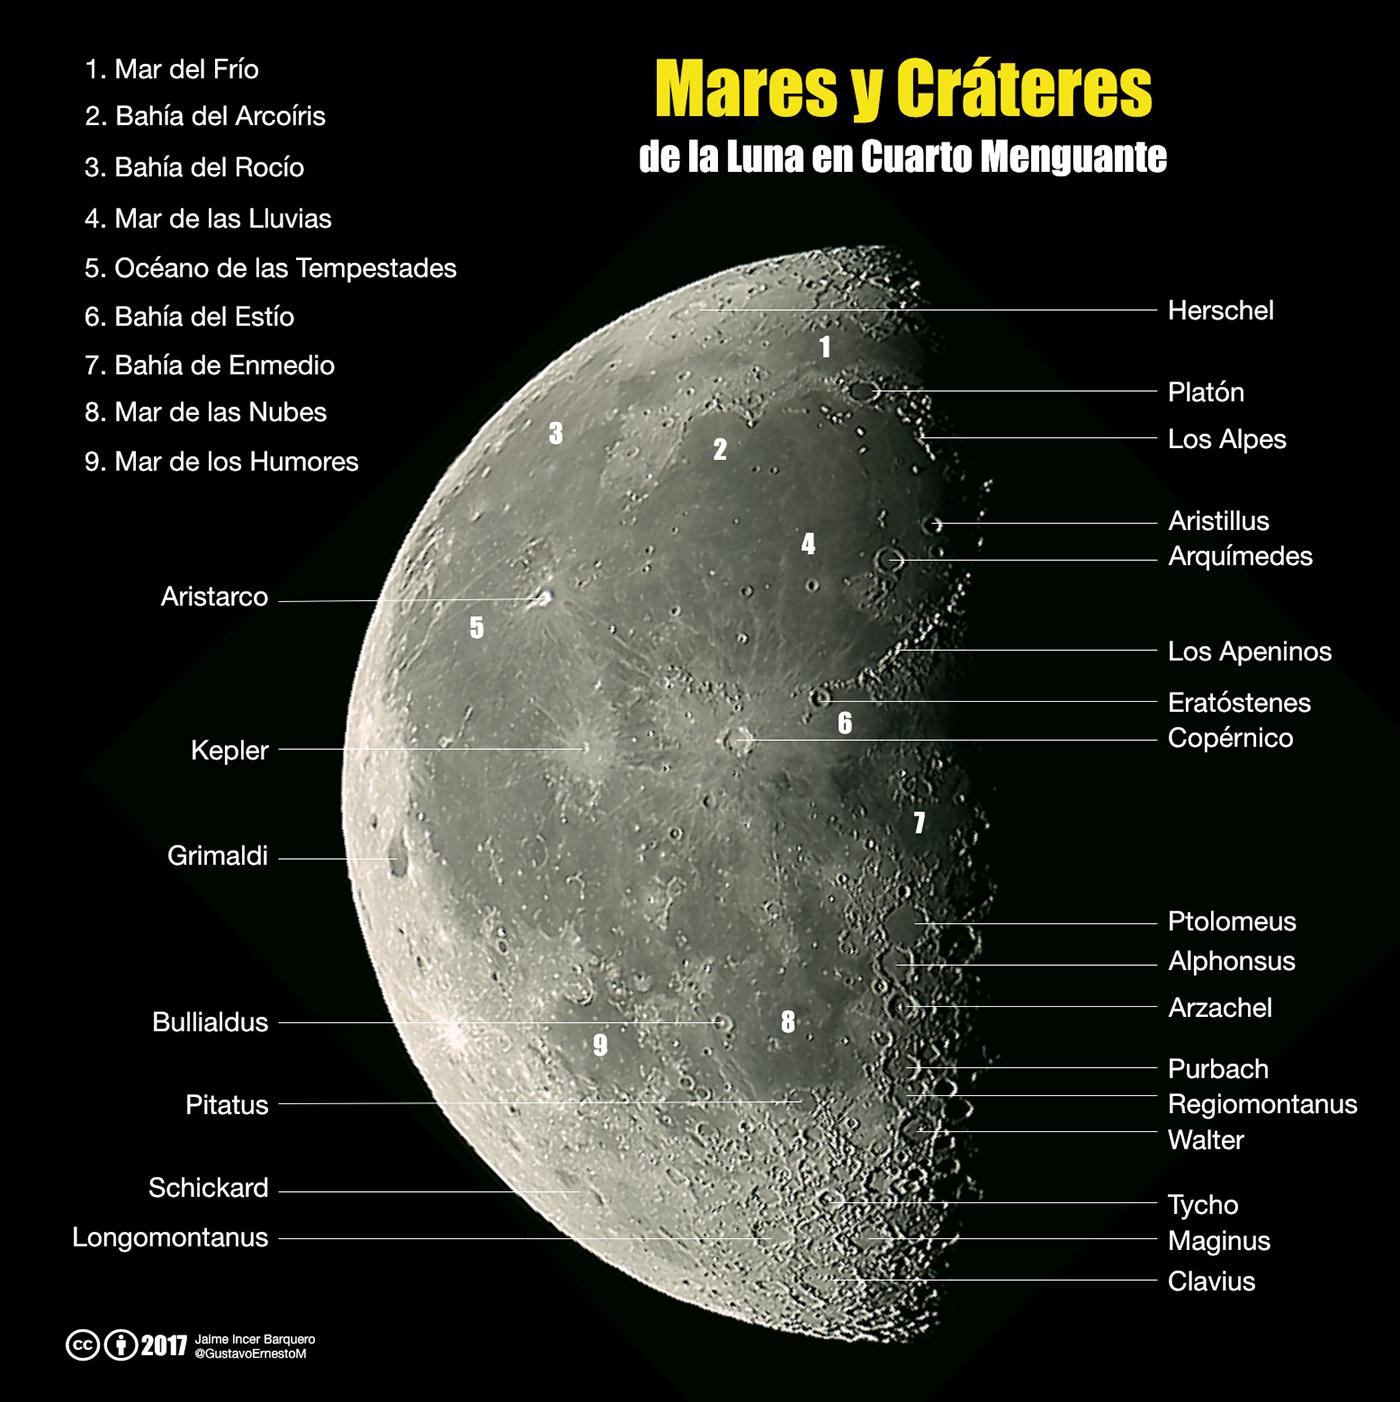 Mares y Cráteres de la Luna en Cuarto Menguante, on Behance | Cosmos ...